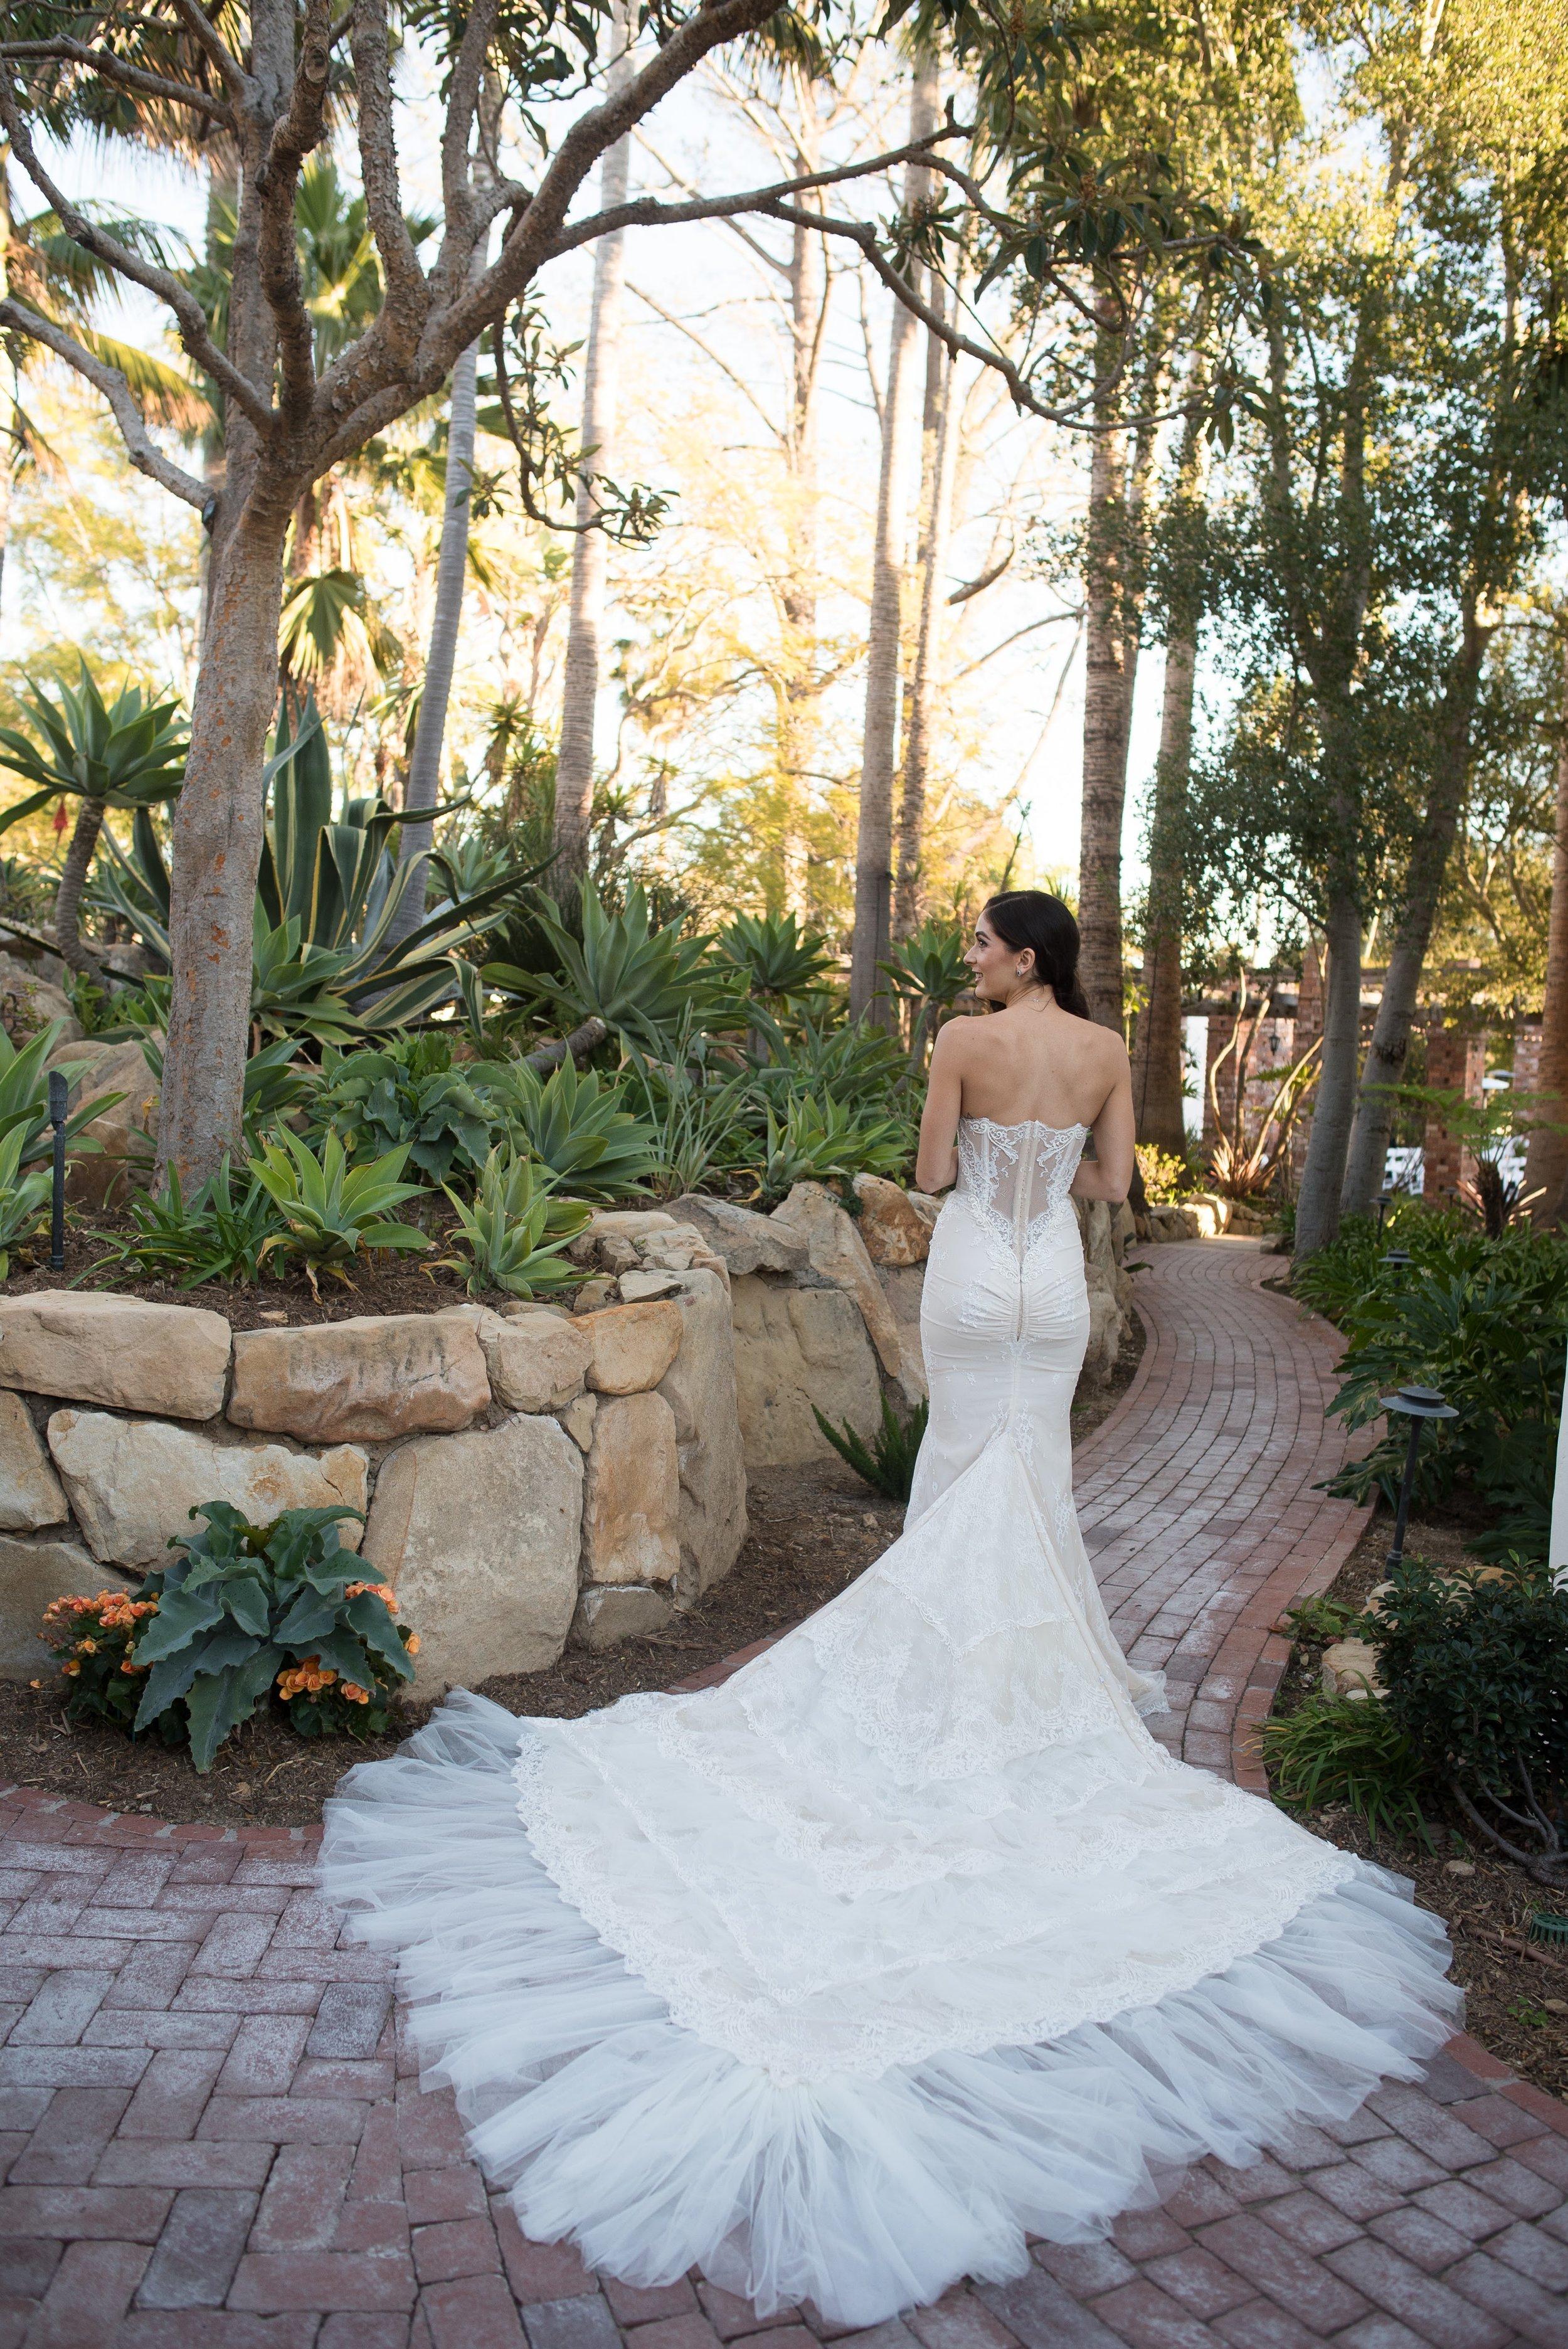 Felici Events | Wedding Planer | El Encanto Wedding | Santa Barbara Wedding | Wedding Planning | Bride | Wedding Dress